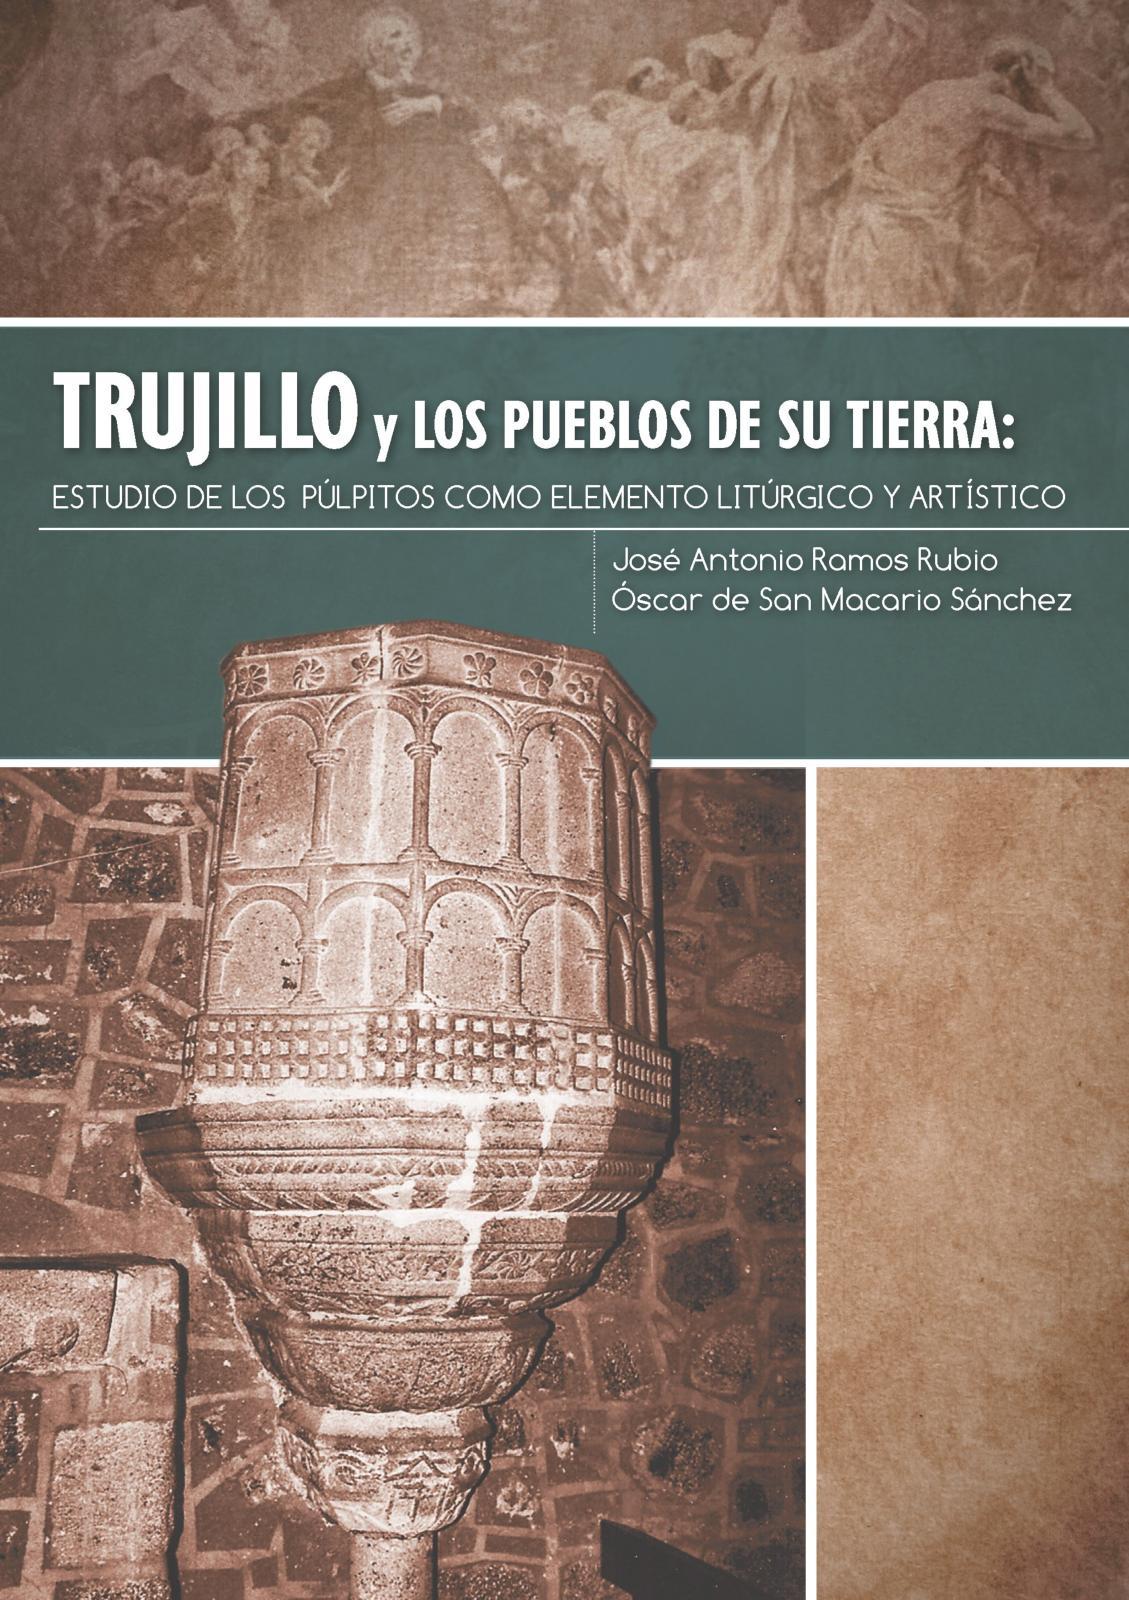 Trujillo y los pueblos de su Tierra: Estudio de los púlpitos como elemento litúrgico y artístico por José Antonio Ramos y Oscar de San Macario